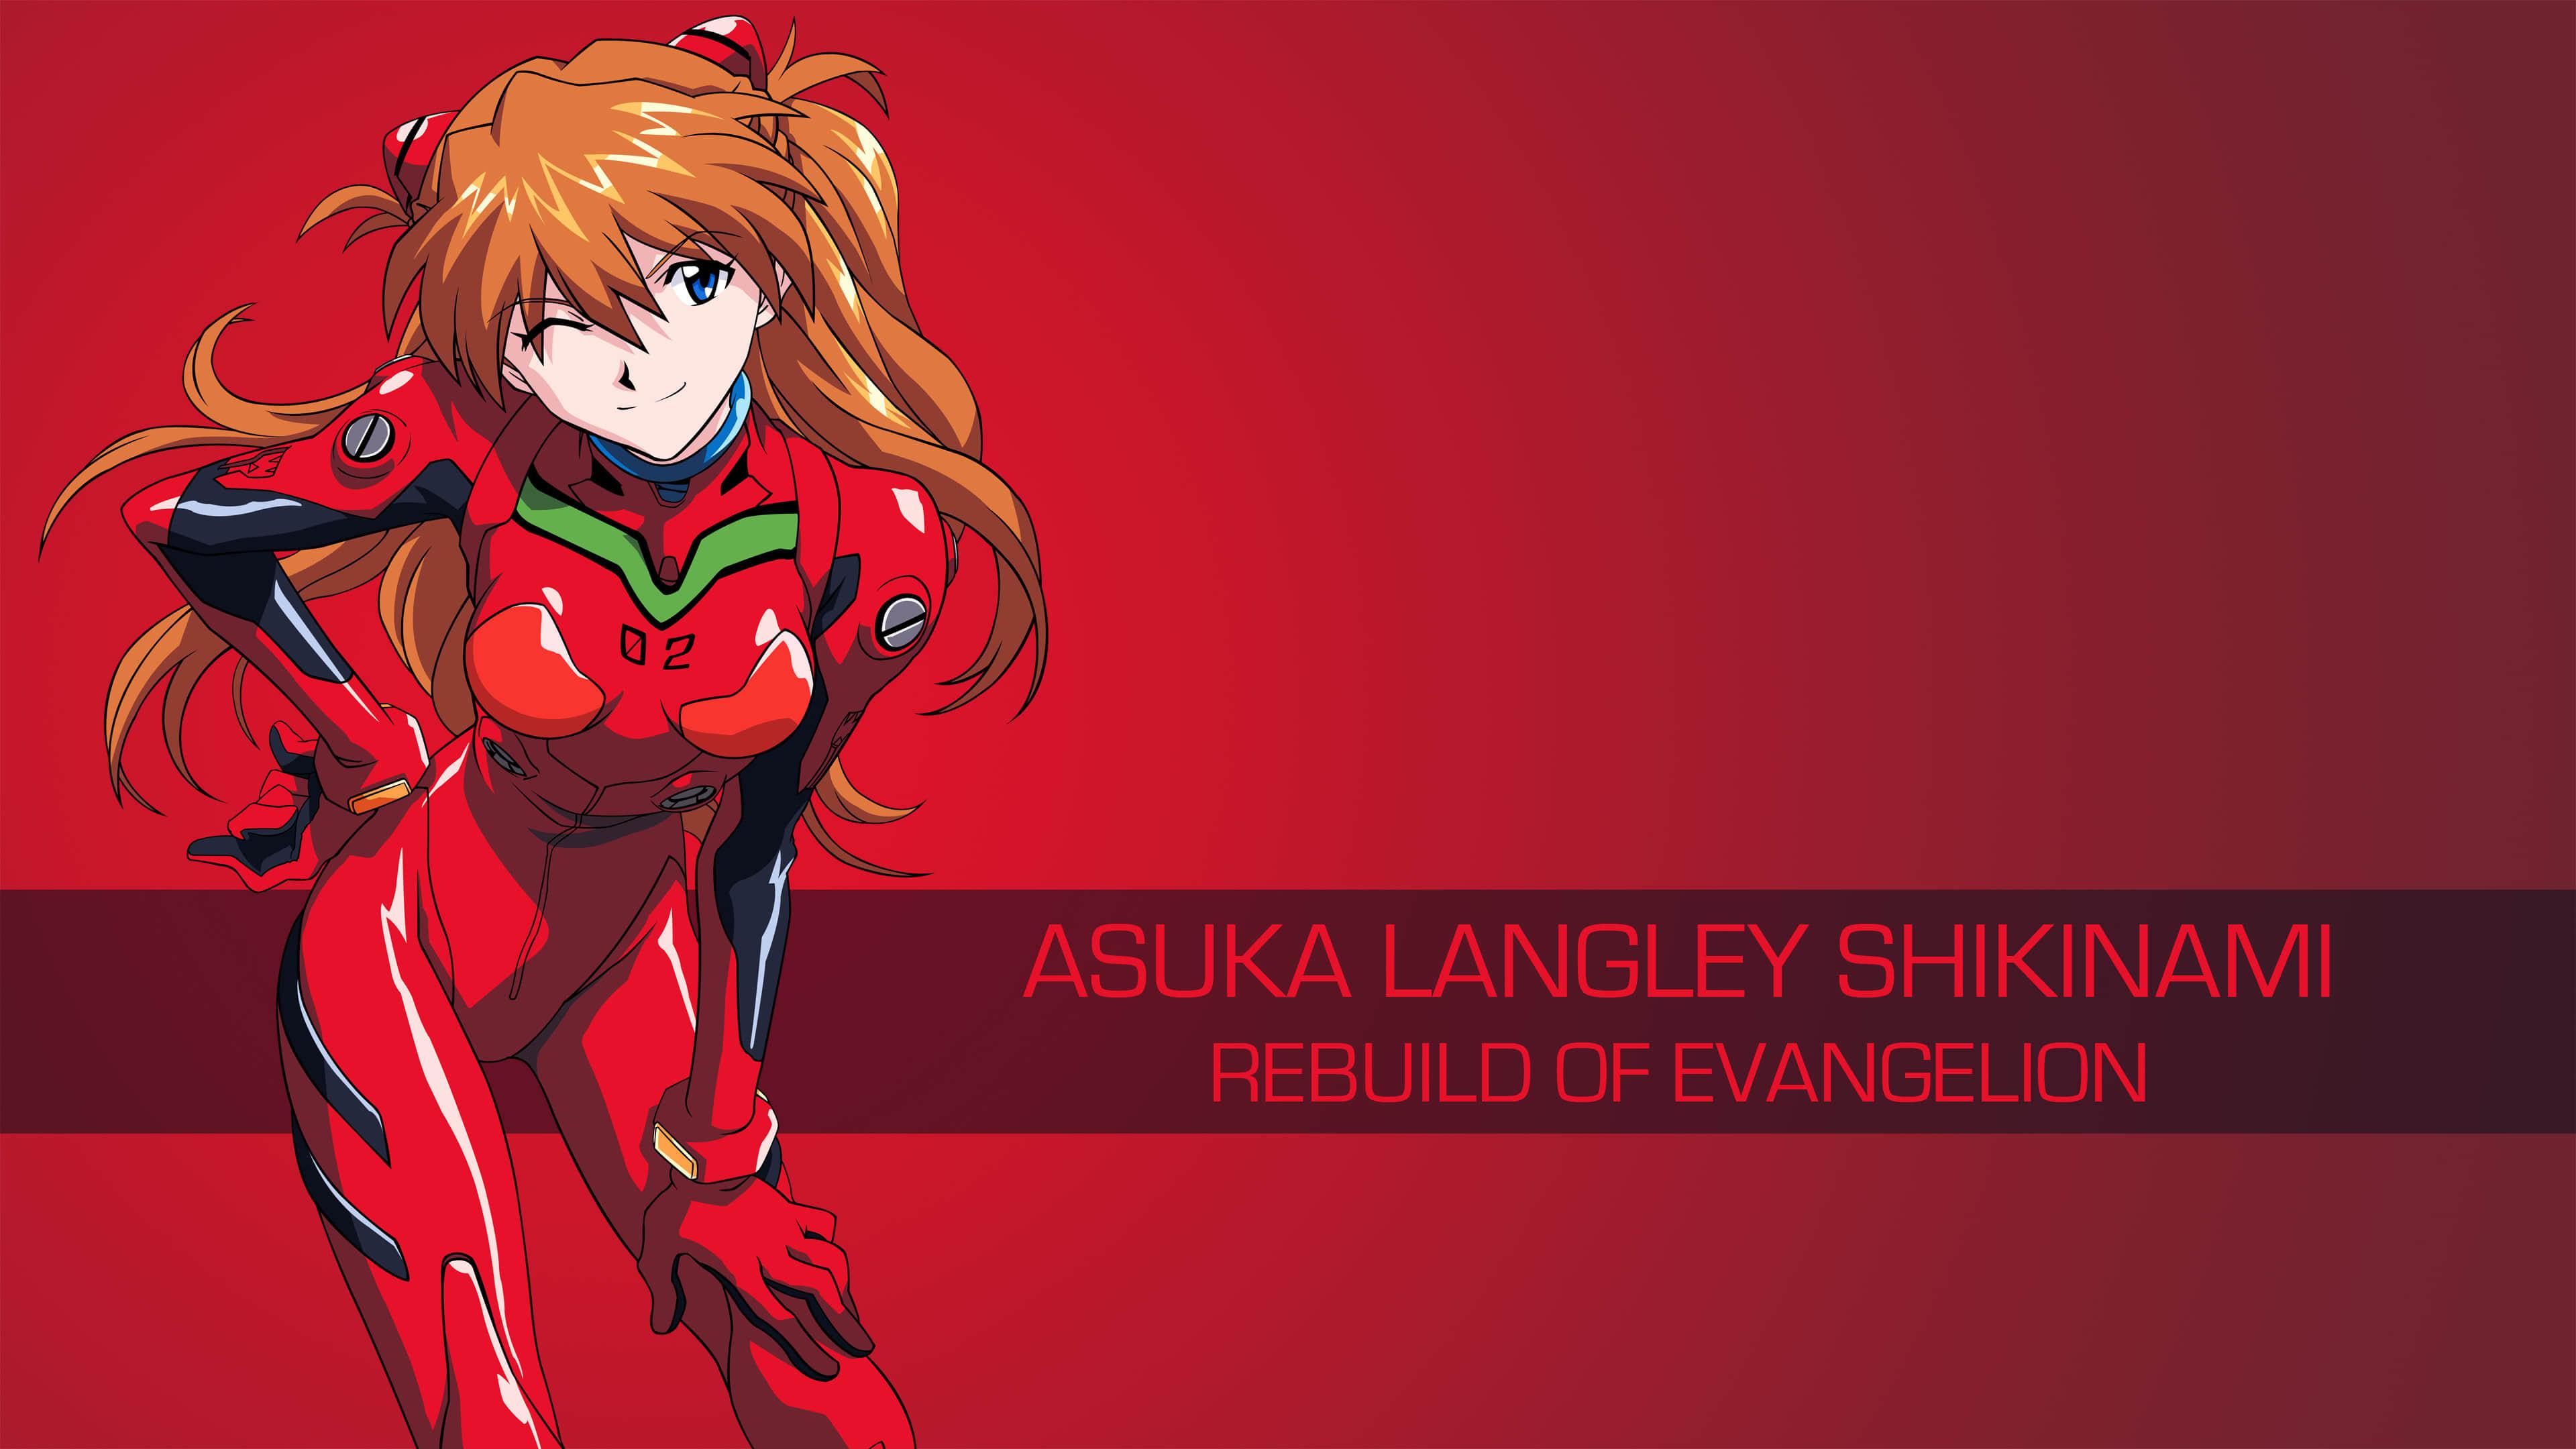 Asuka Langley Shikinami Rebuild Of Evangelion Uhd 4k Wallpaper Pixelz Cc